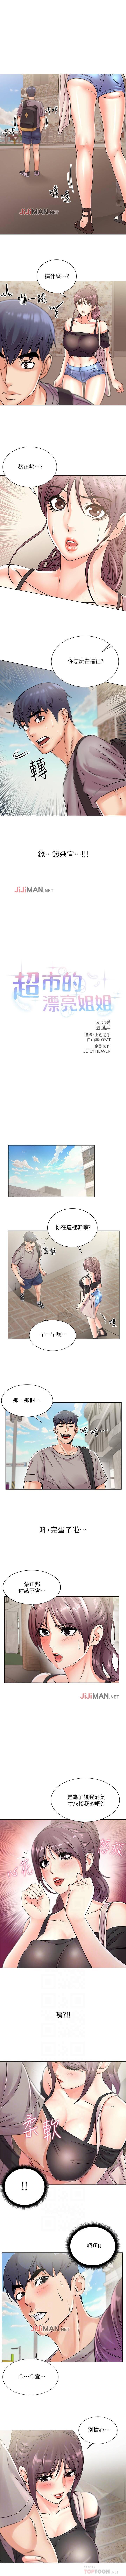 【周三连载】超市的漂亮姐姐(作者:北鼻&逃兵) 第1~20话 112